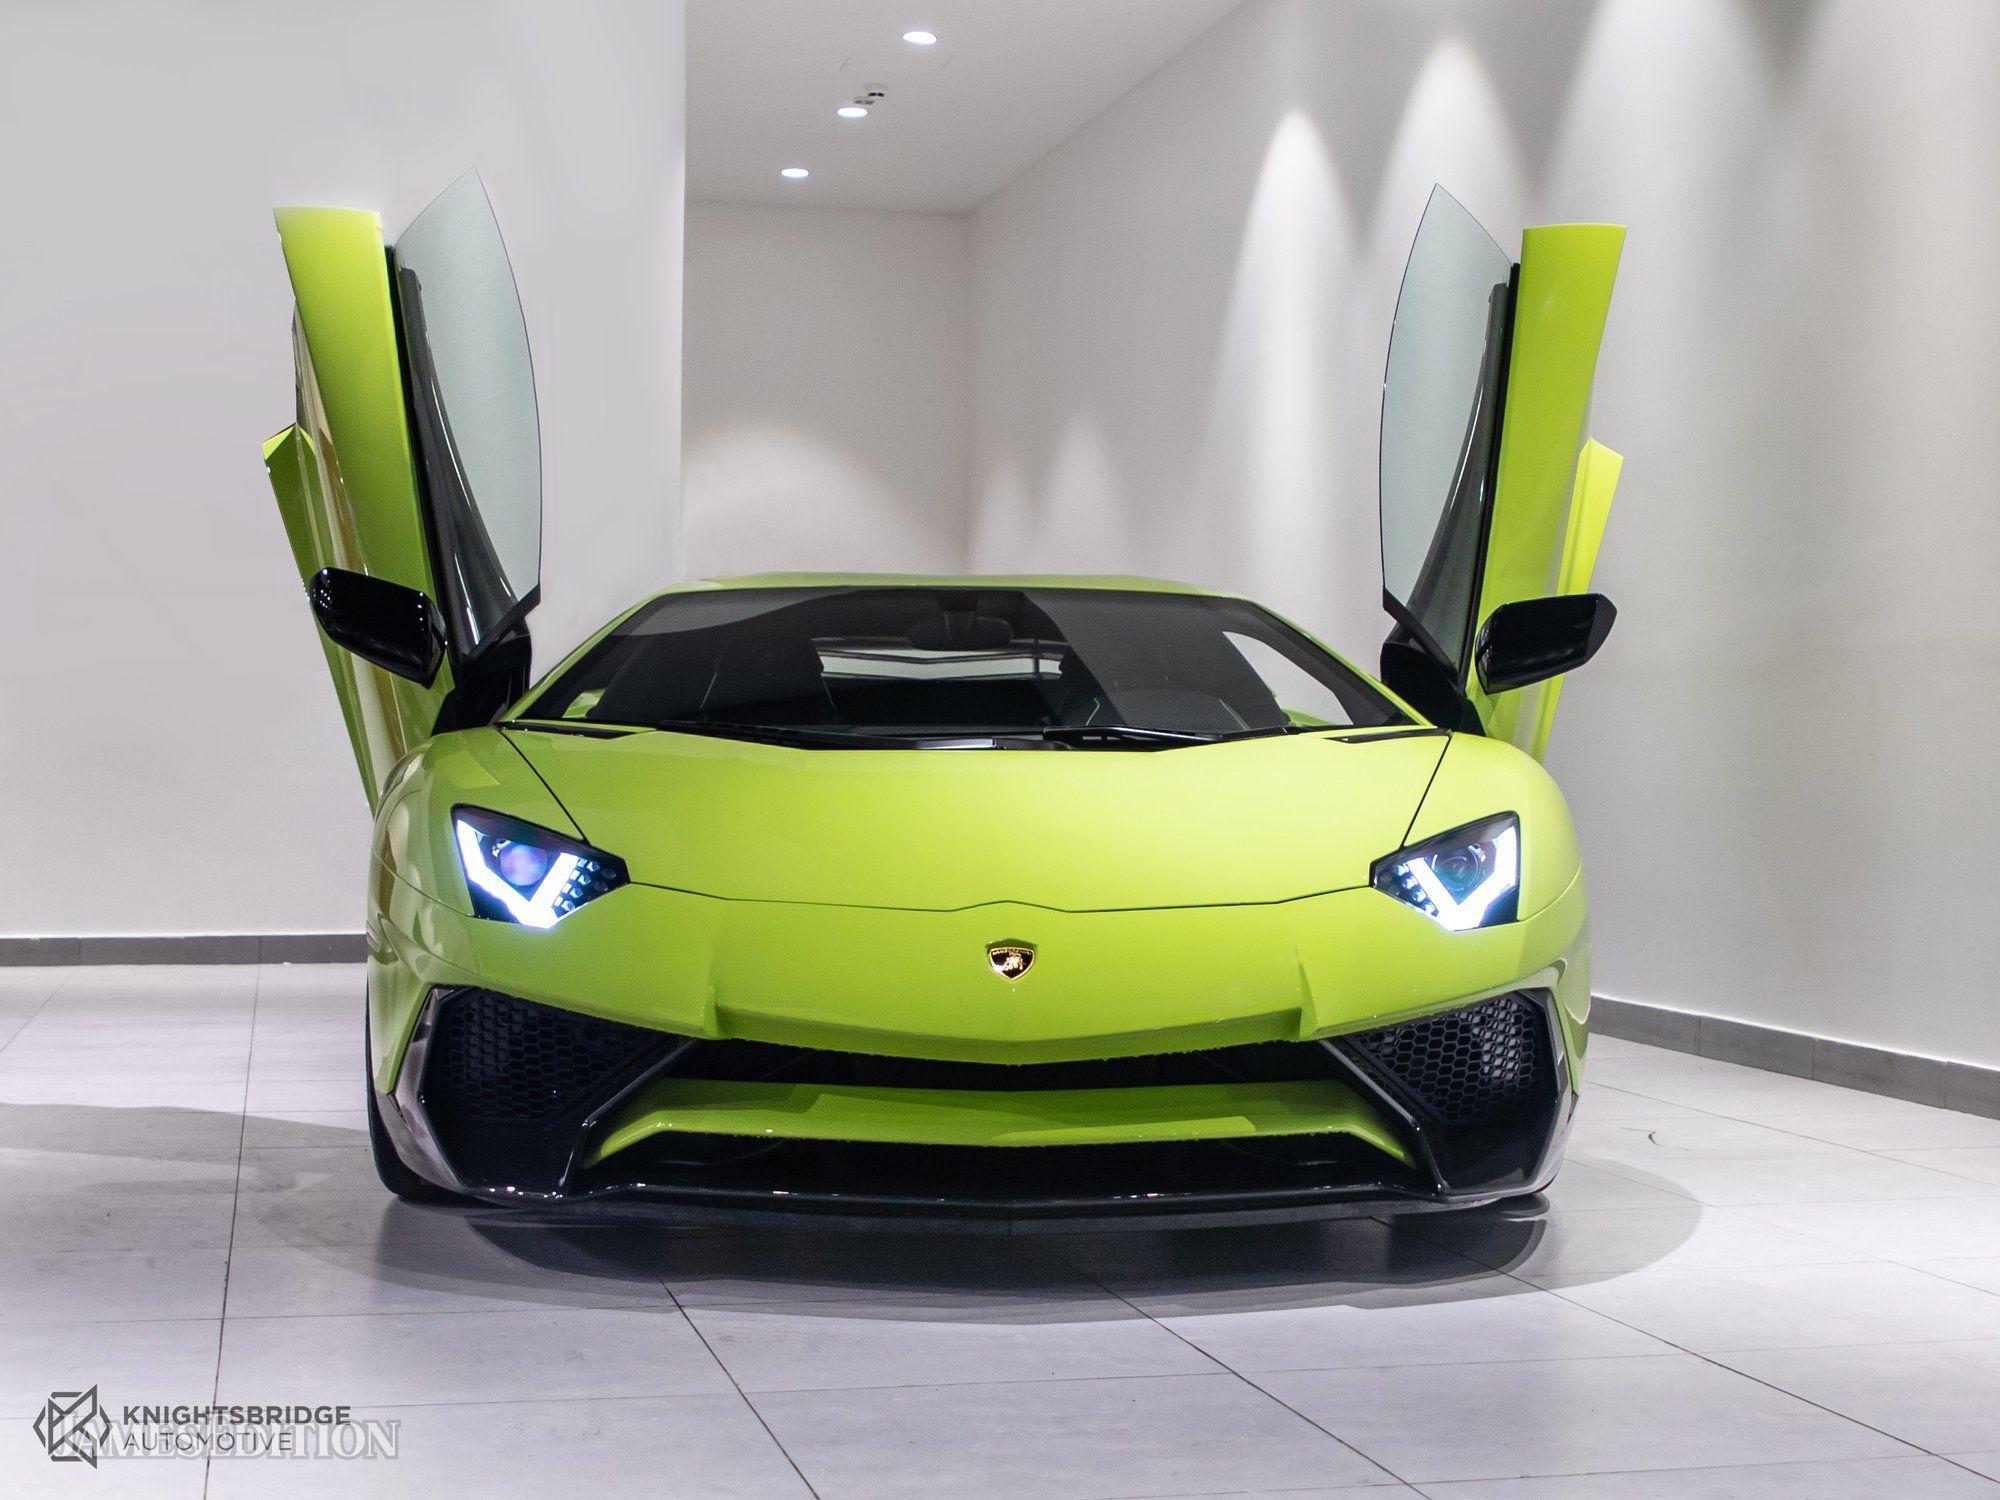 2017 Lamborghini Aventador In Doha, Qatar For Sale (10729829